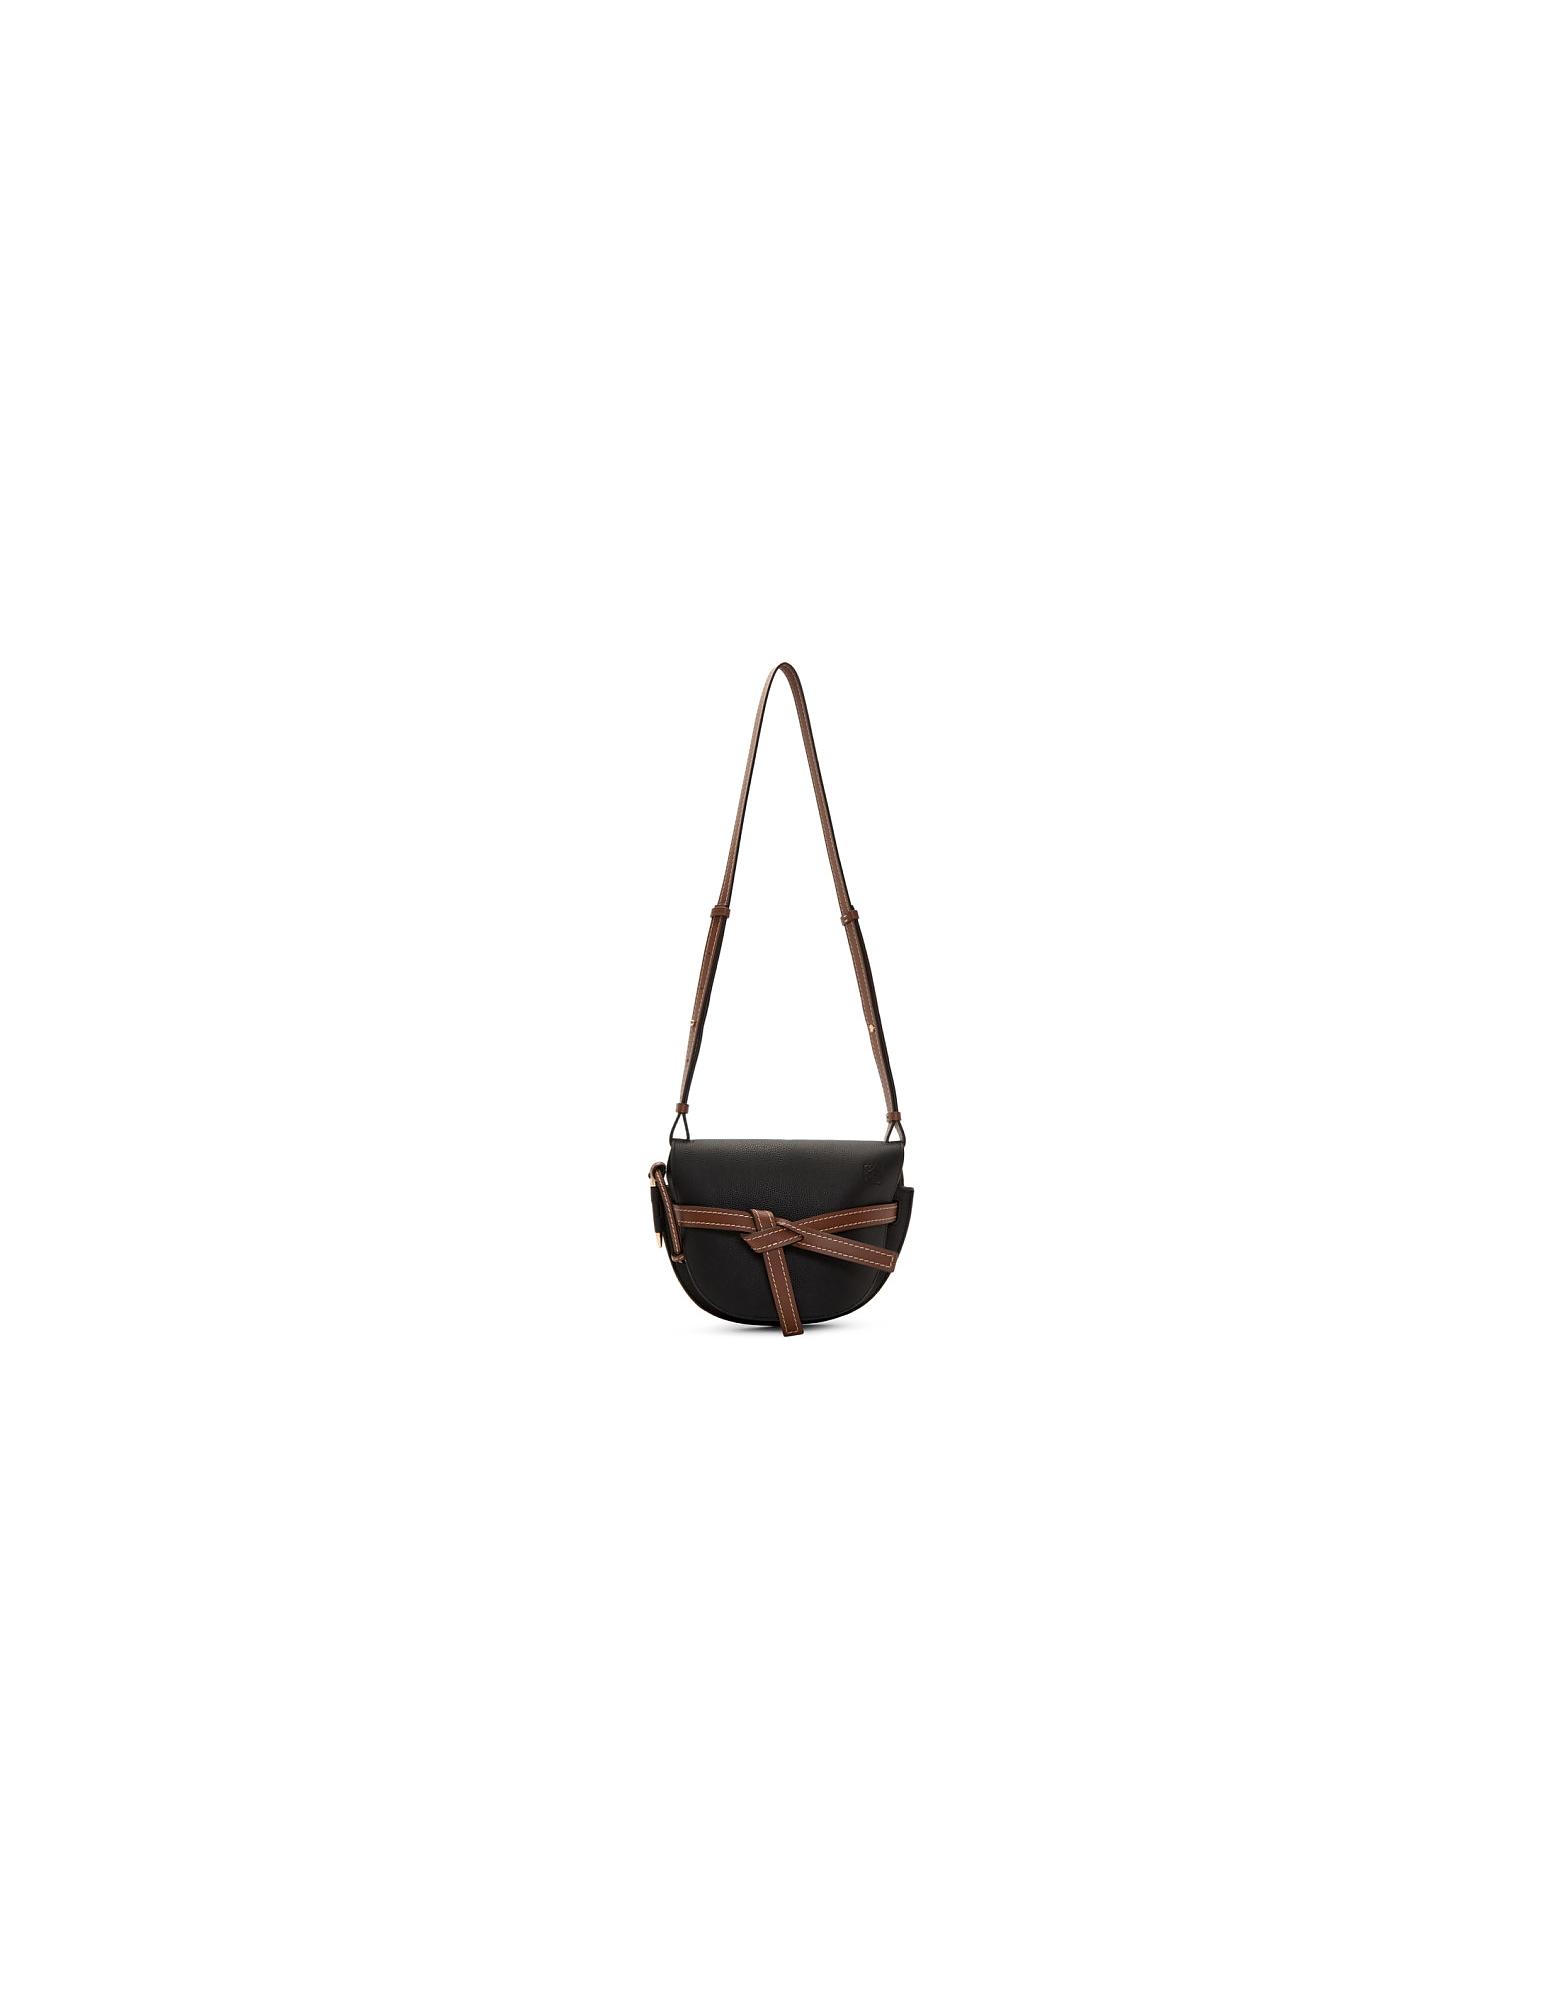 Loewe Designer Handbags, Black and Brown Small Gate Bag